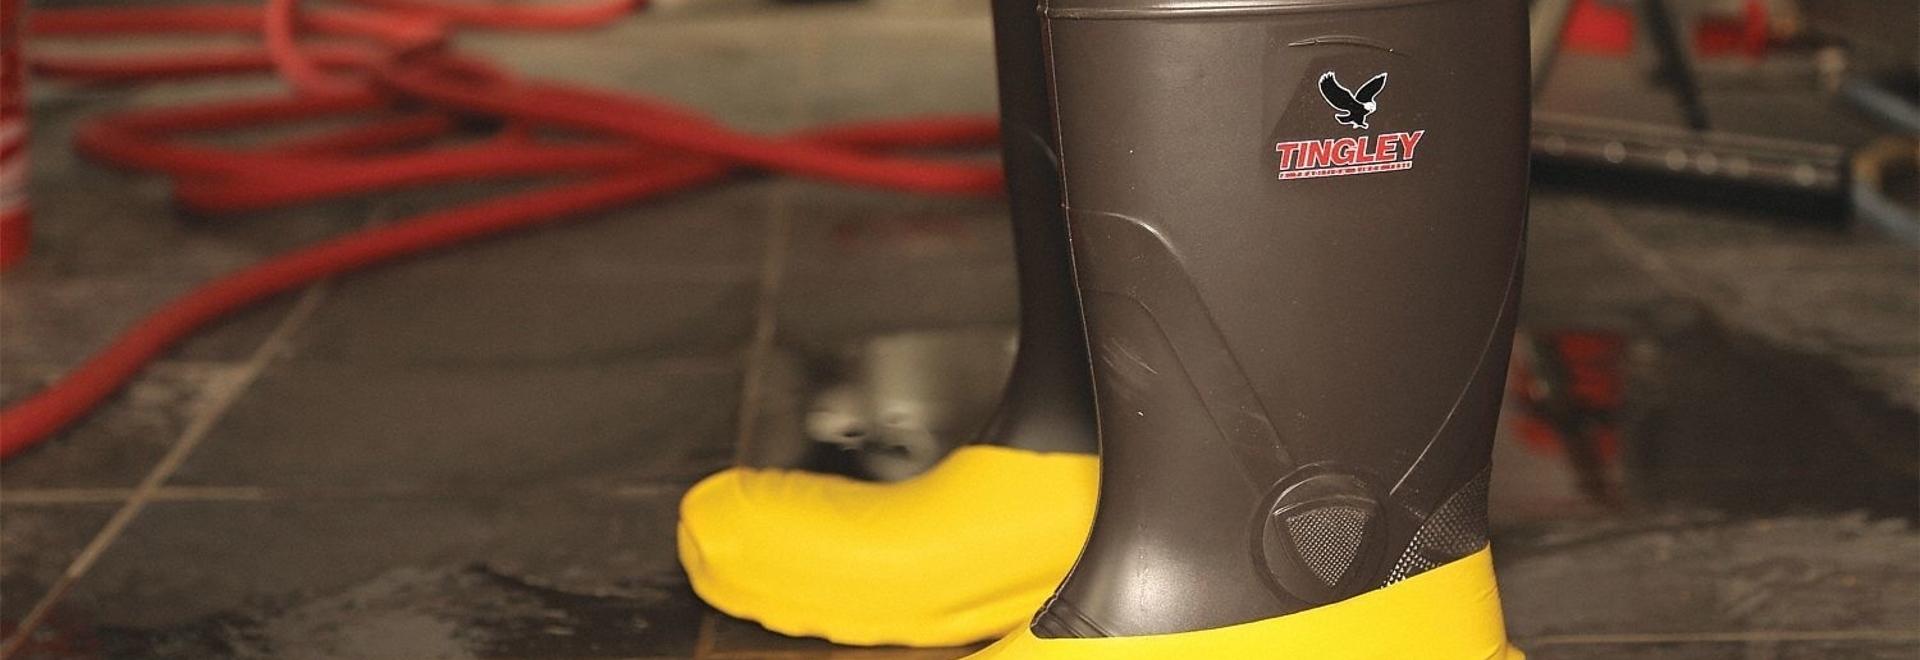 Produit vedette : Couvre-chaussures Tingley Boot Saver® de Nelson-Jameson